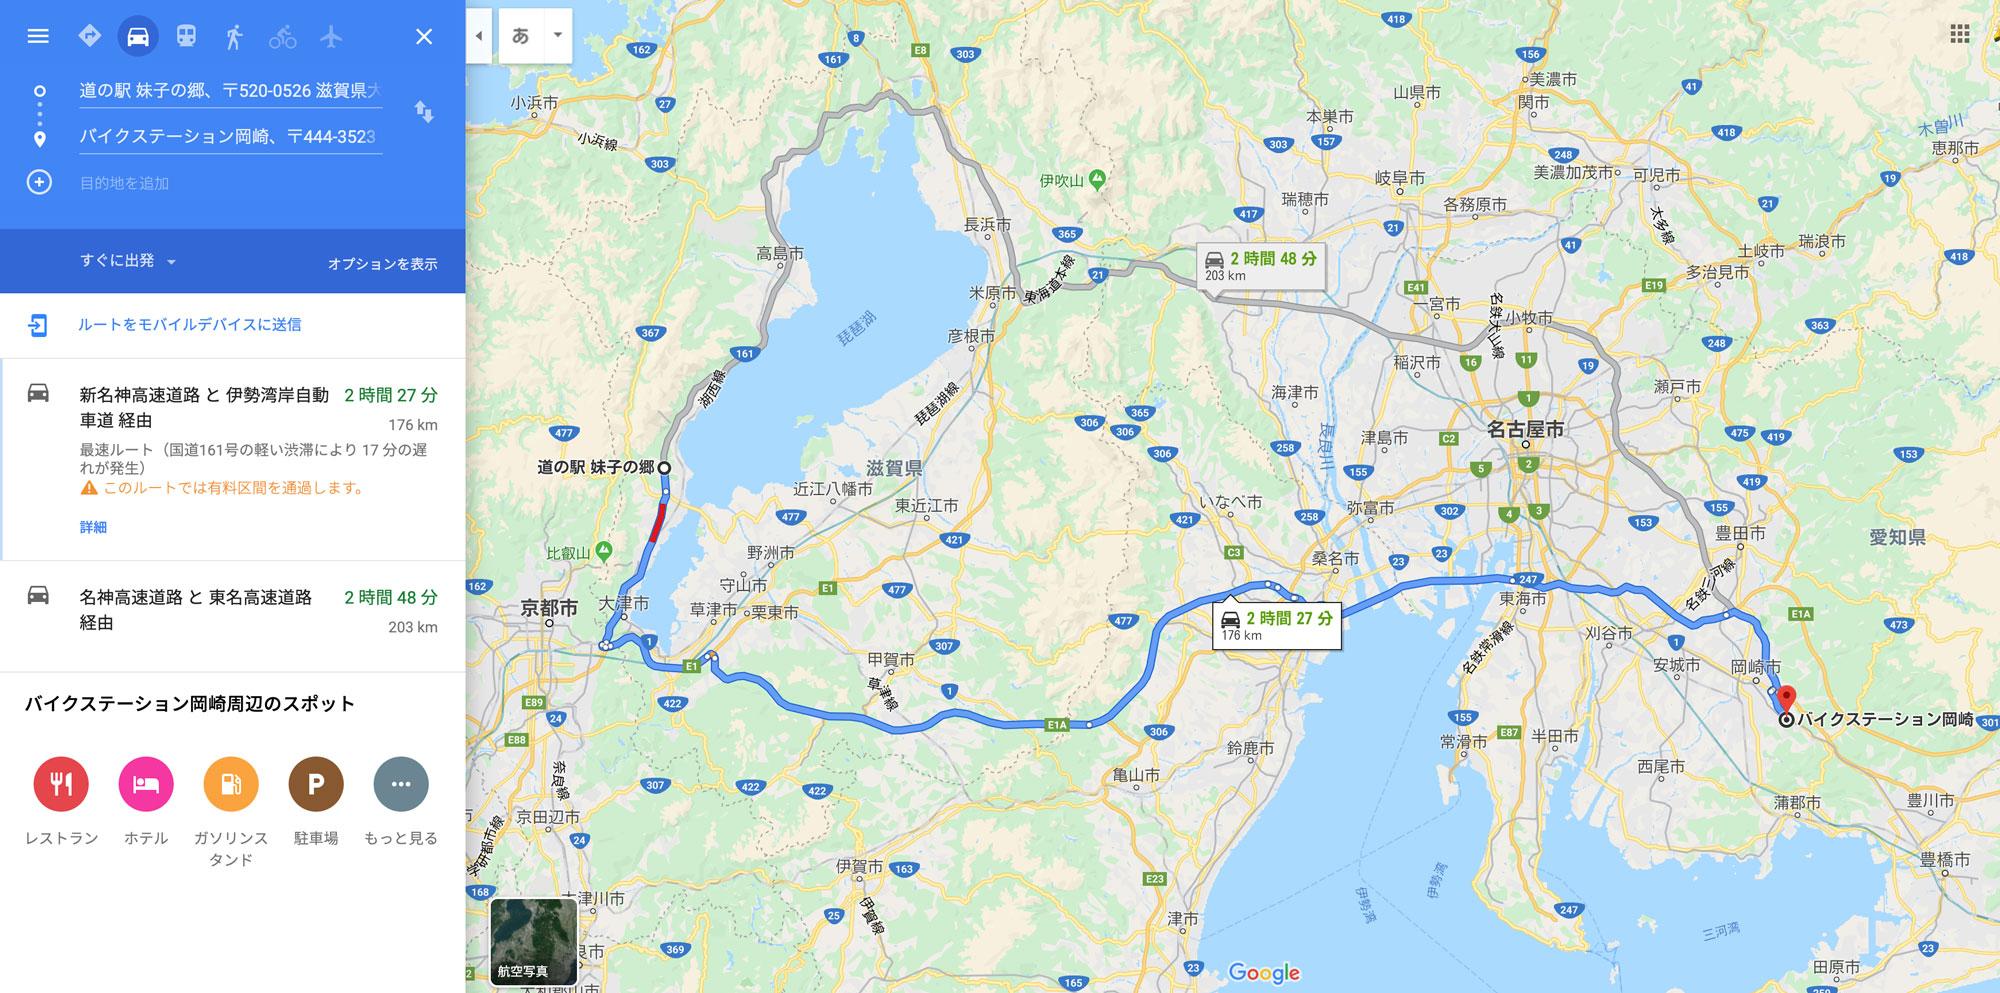 琵琶湖から岡崎ICまで